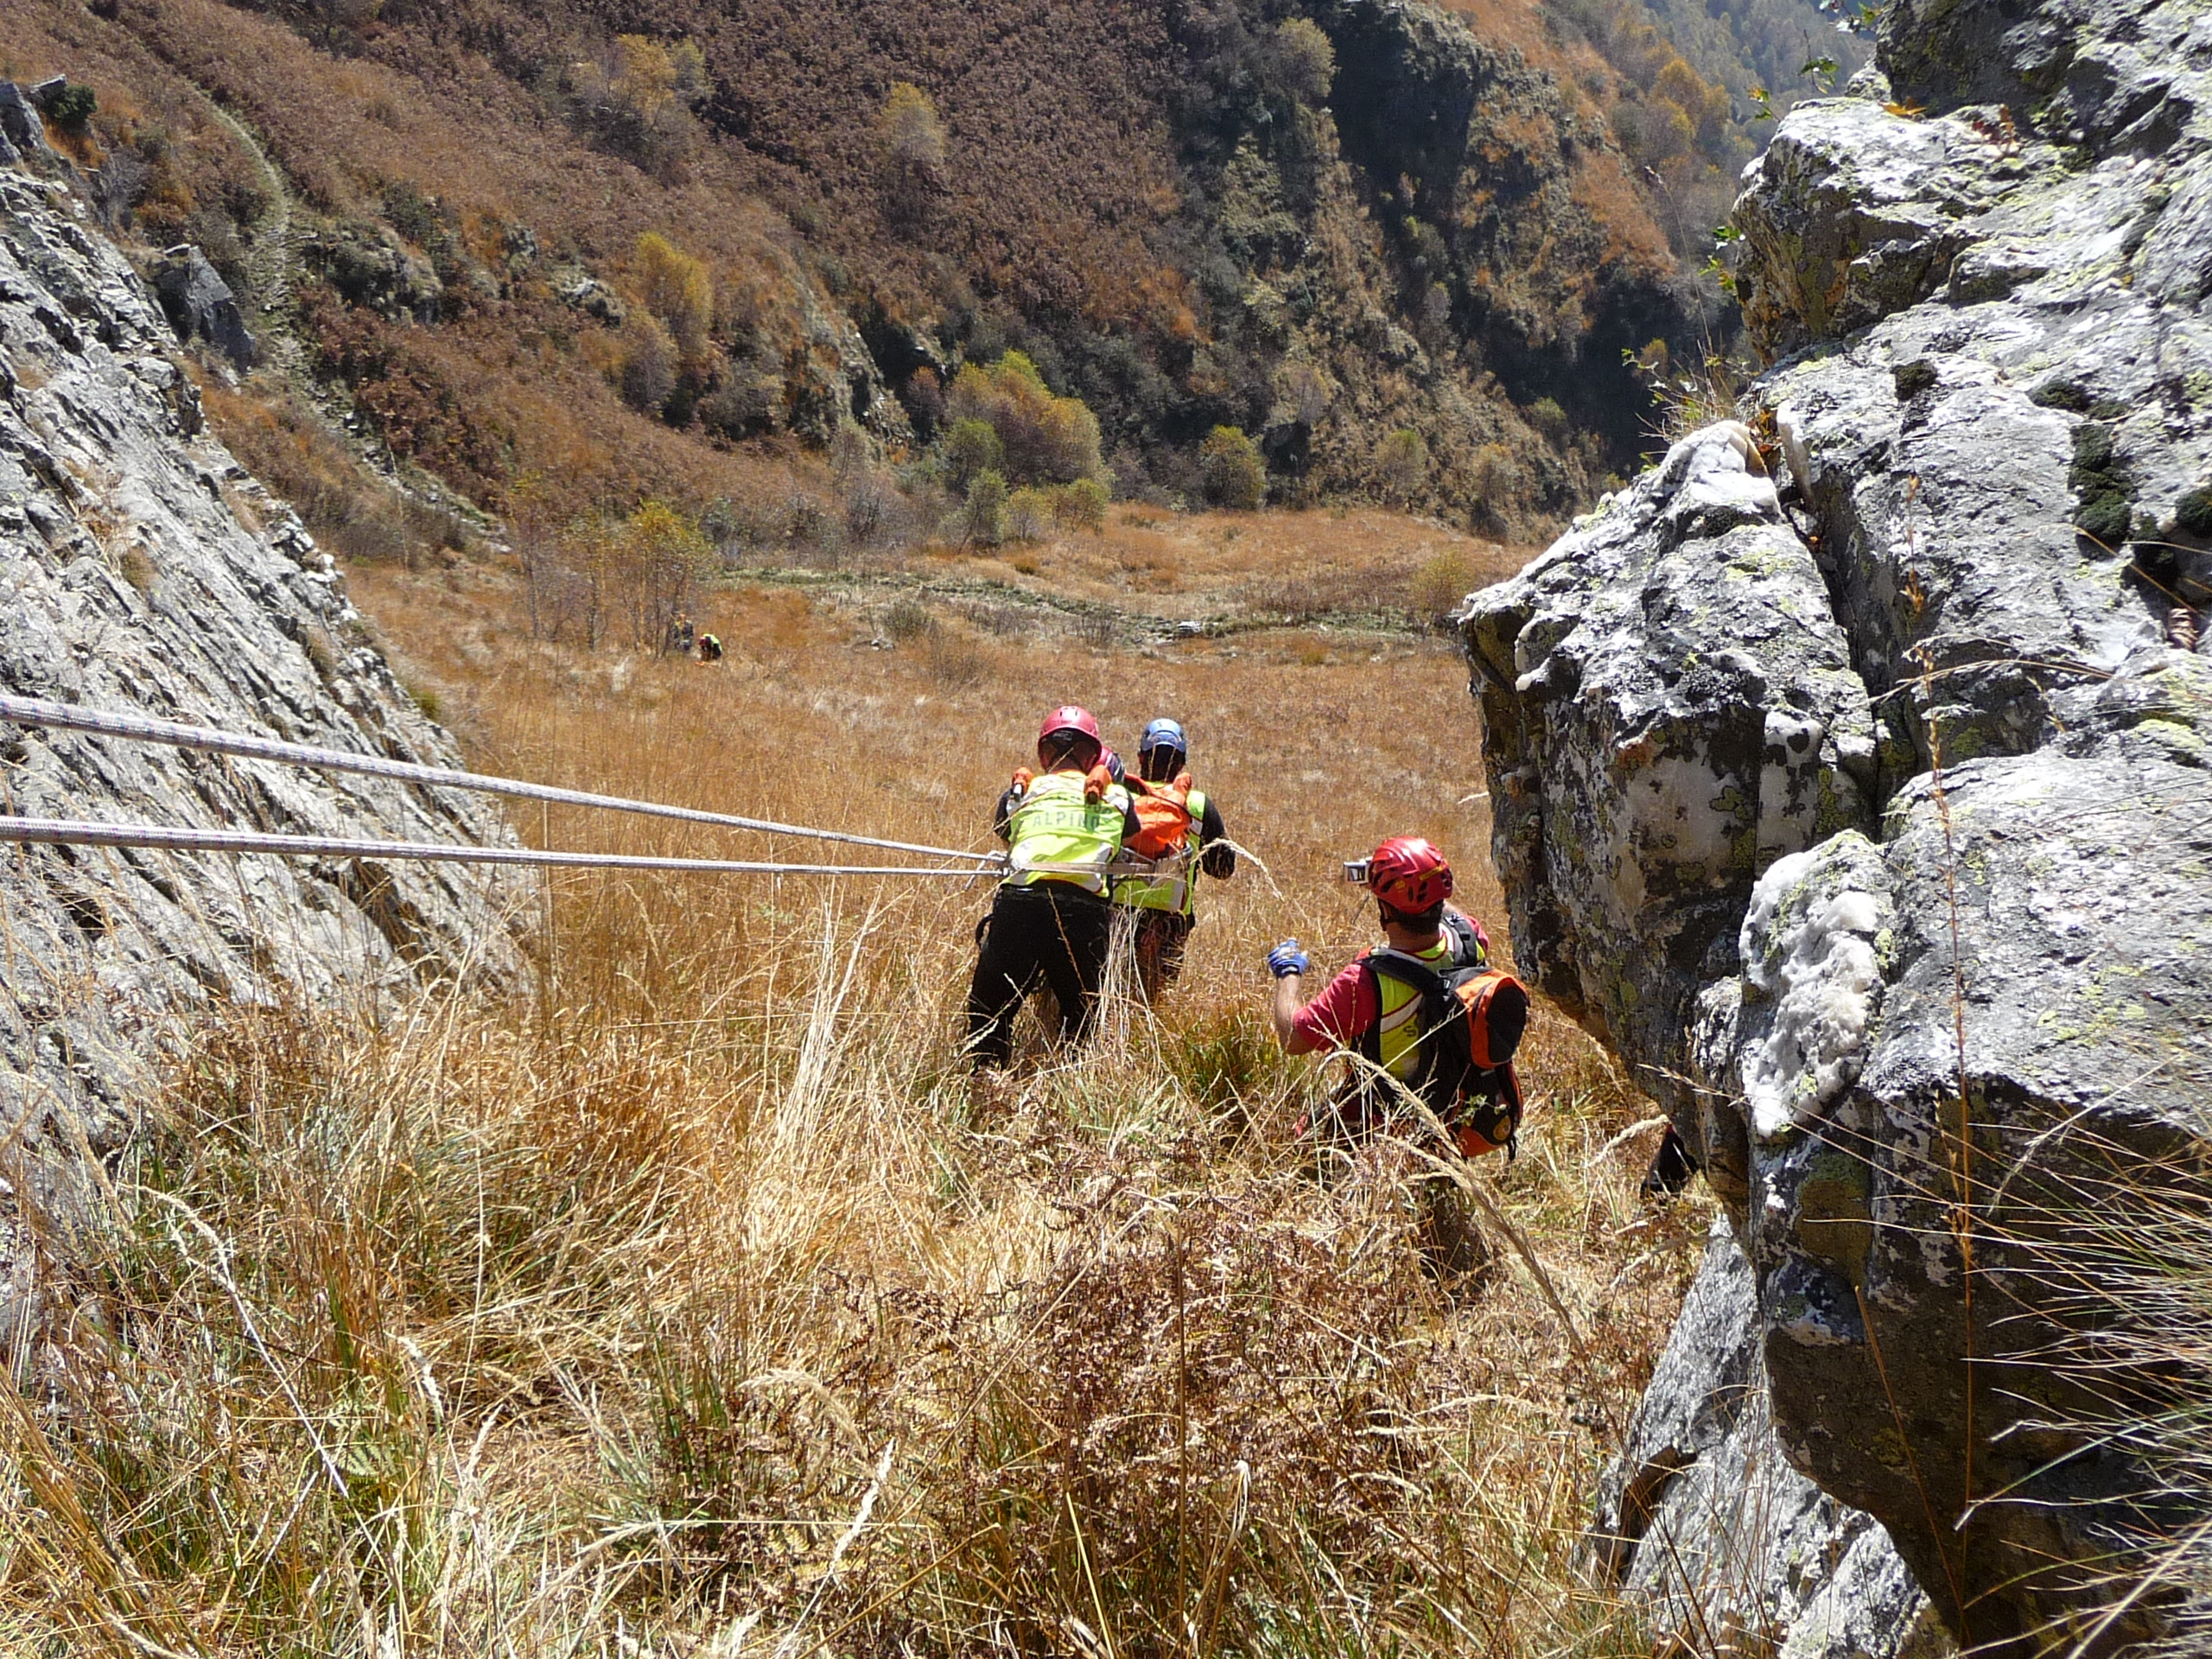 Un weekend di lavoro per i volontari del Soccorso Alpino nell'Alto Varesotto